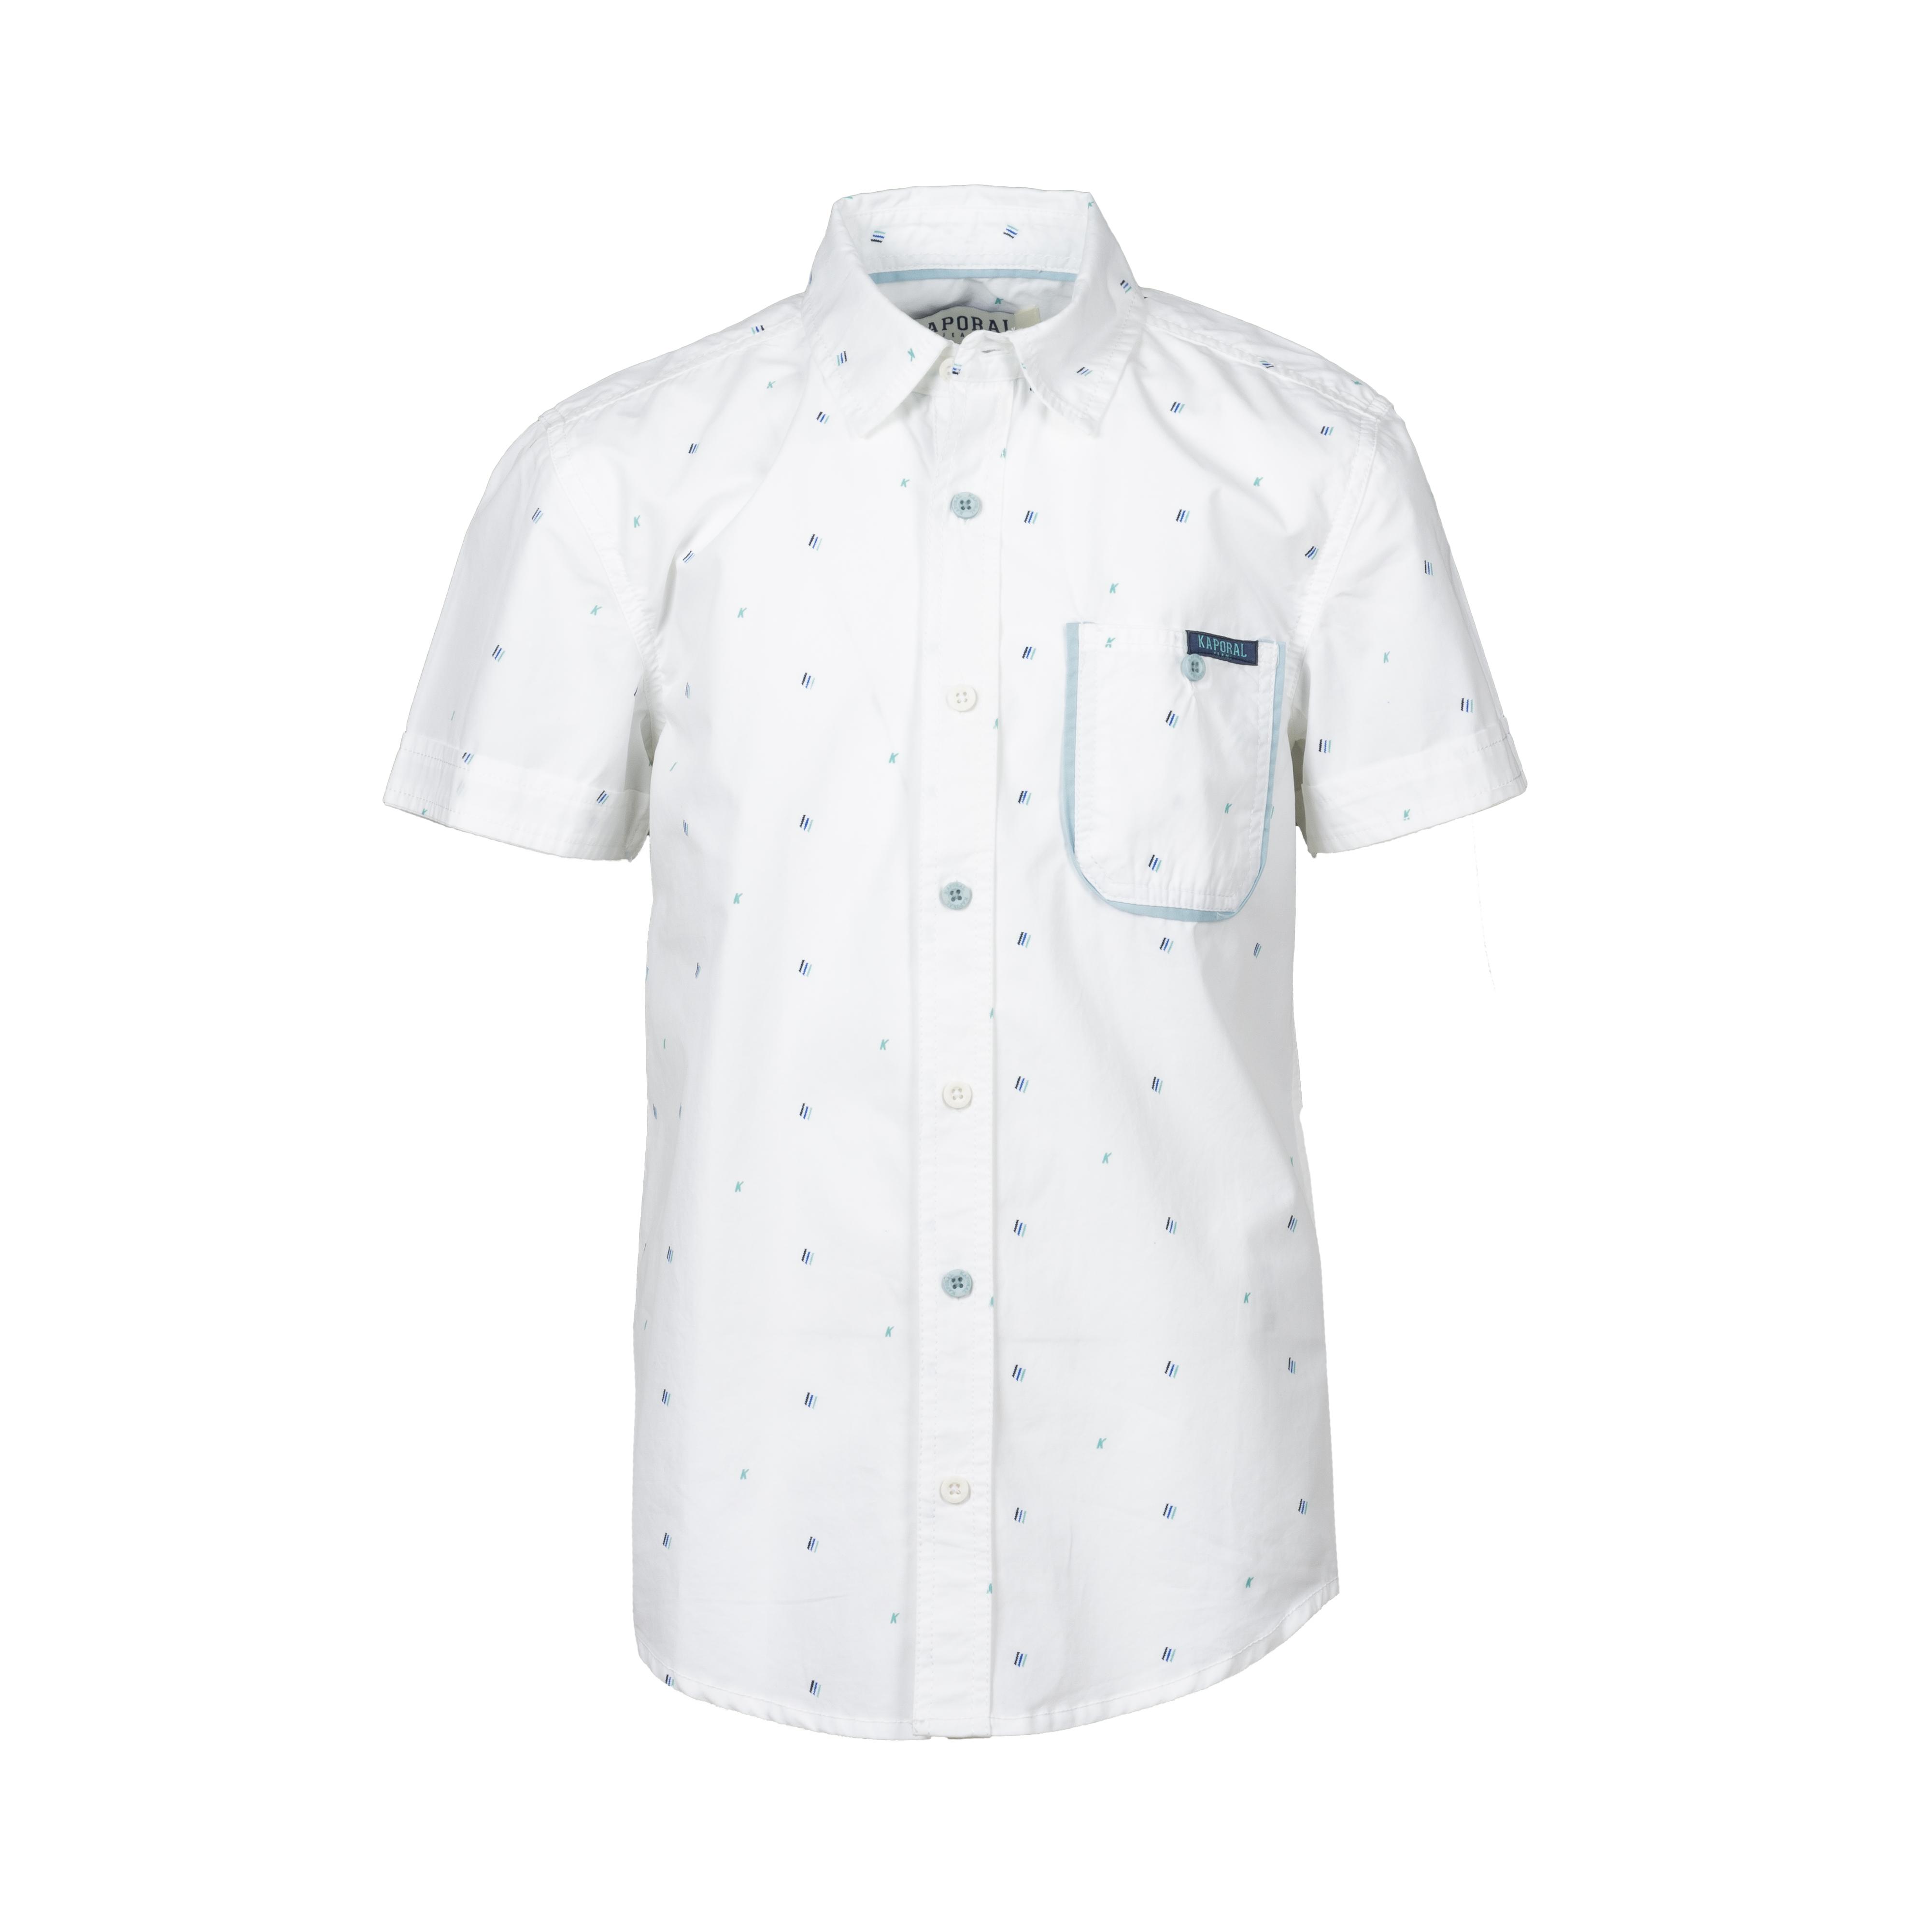 Chemise manches courtes coupe droite kaporal erole en coton blanc à micro motifs bleus, verts et noirs